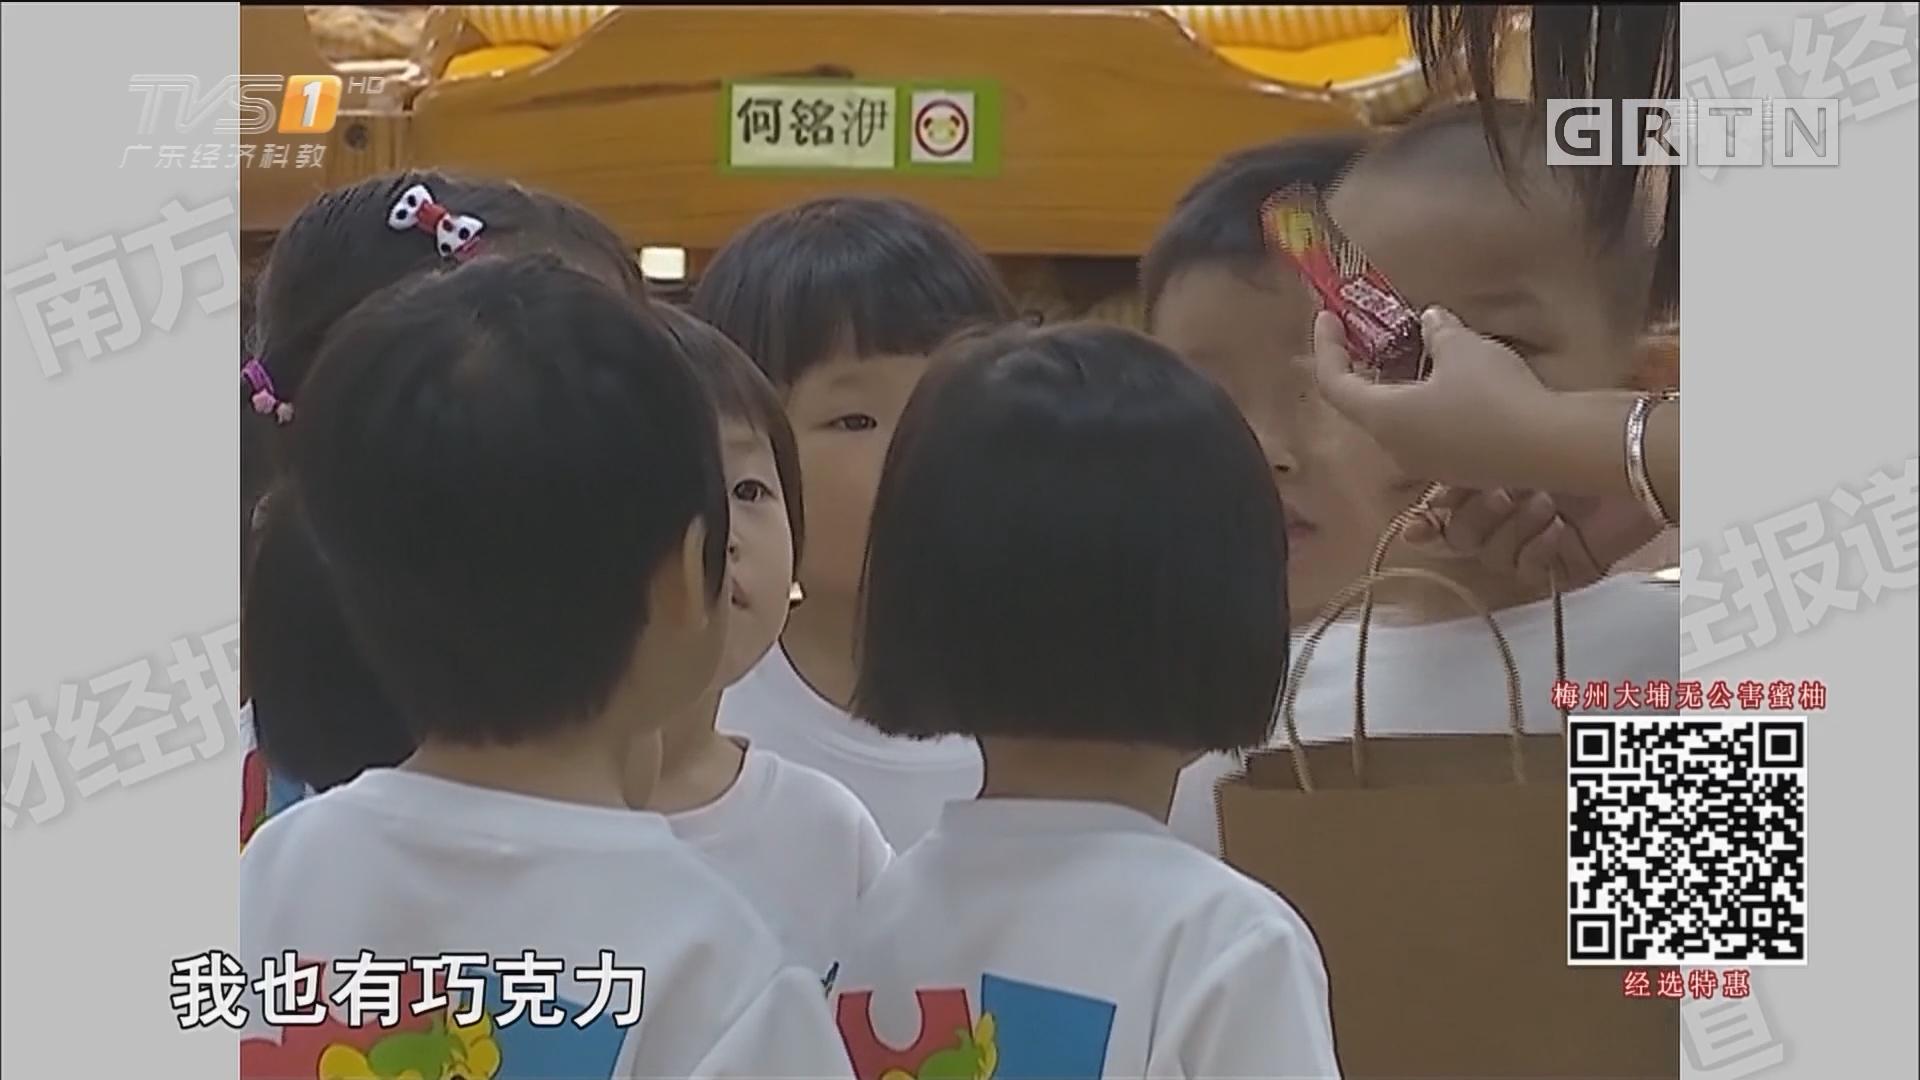 测试:面对诱惑 小朋友会跟陌生人走吗?